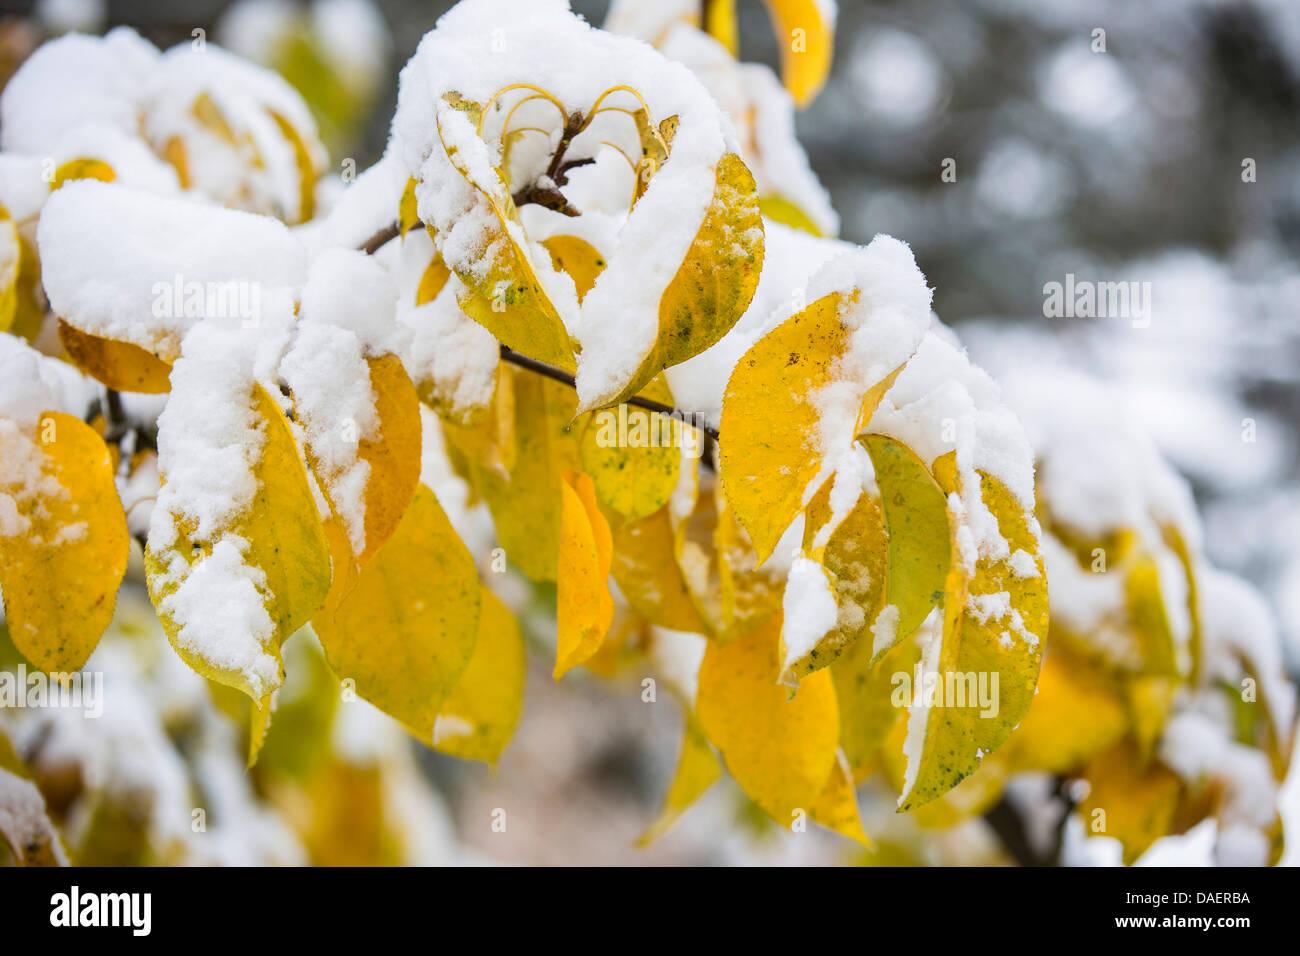 gemeinsamen Birne (Pyrus Communis), Schnee bedeckten Zweig mit Herbst Blätter, Deutschland, Bayern Stockbild